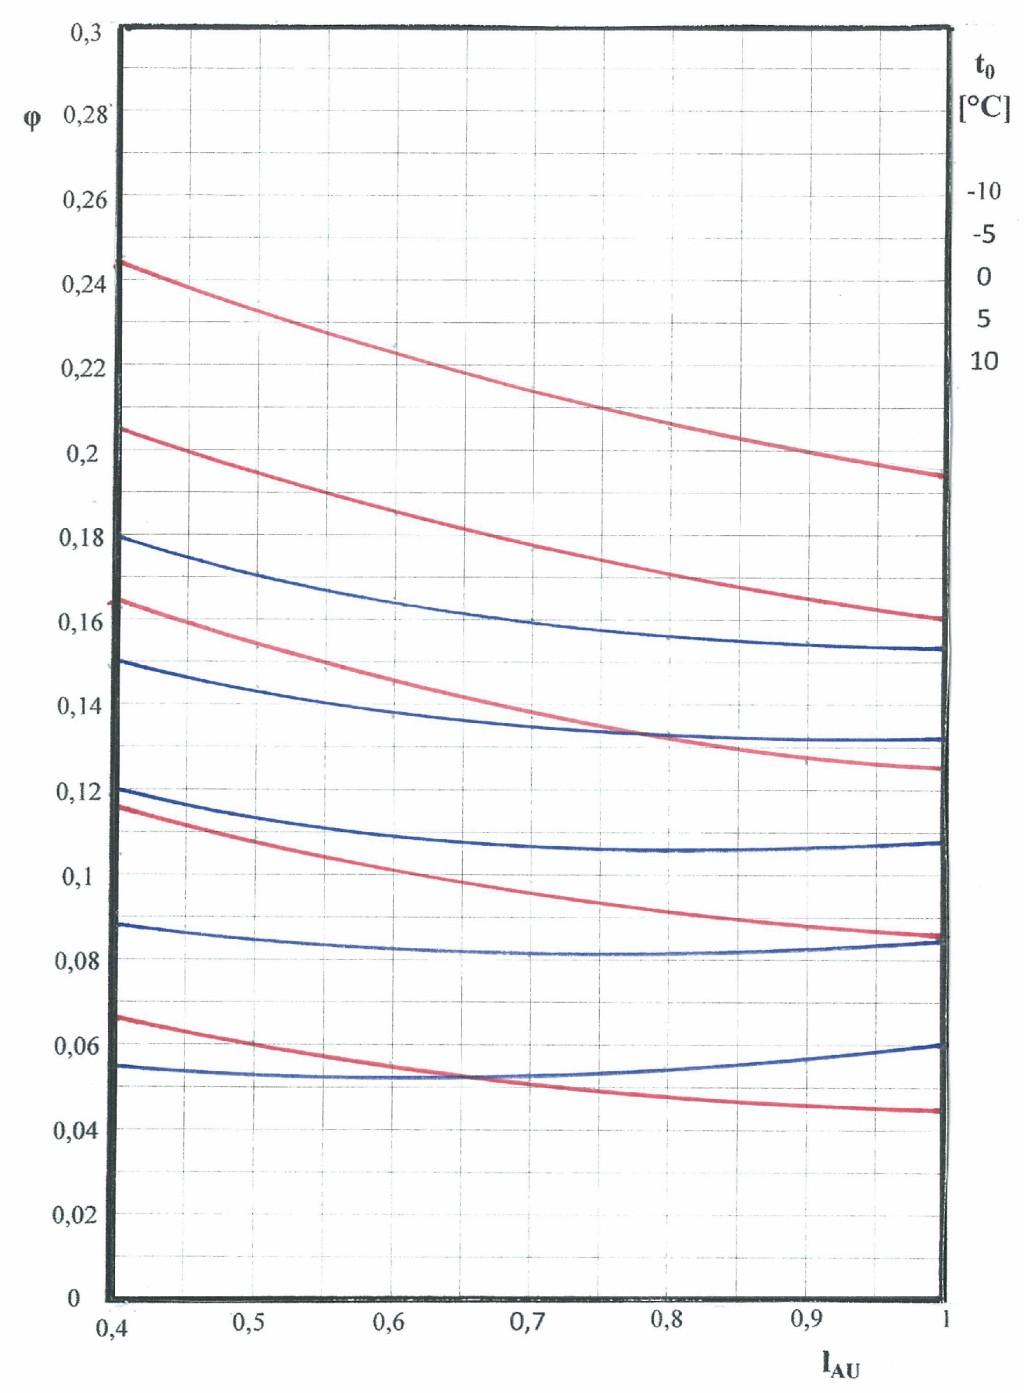 Gütegrad einer Luftkonditionierung, Befeuchtung mit Wasser, Wärmerückgewinnung rekuperativ (blau), regenerativ (rot) ( YW = 0,7, YF = 0,6, h = 0,85) Bild: Lillich